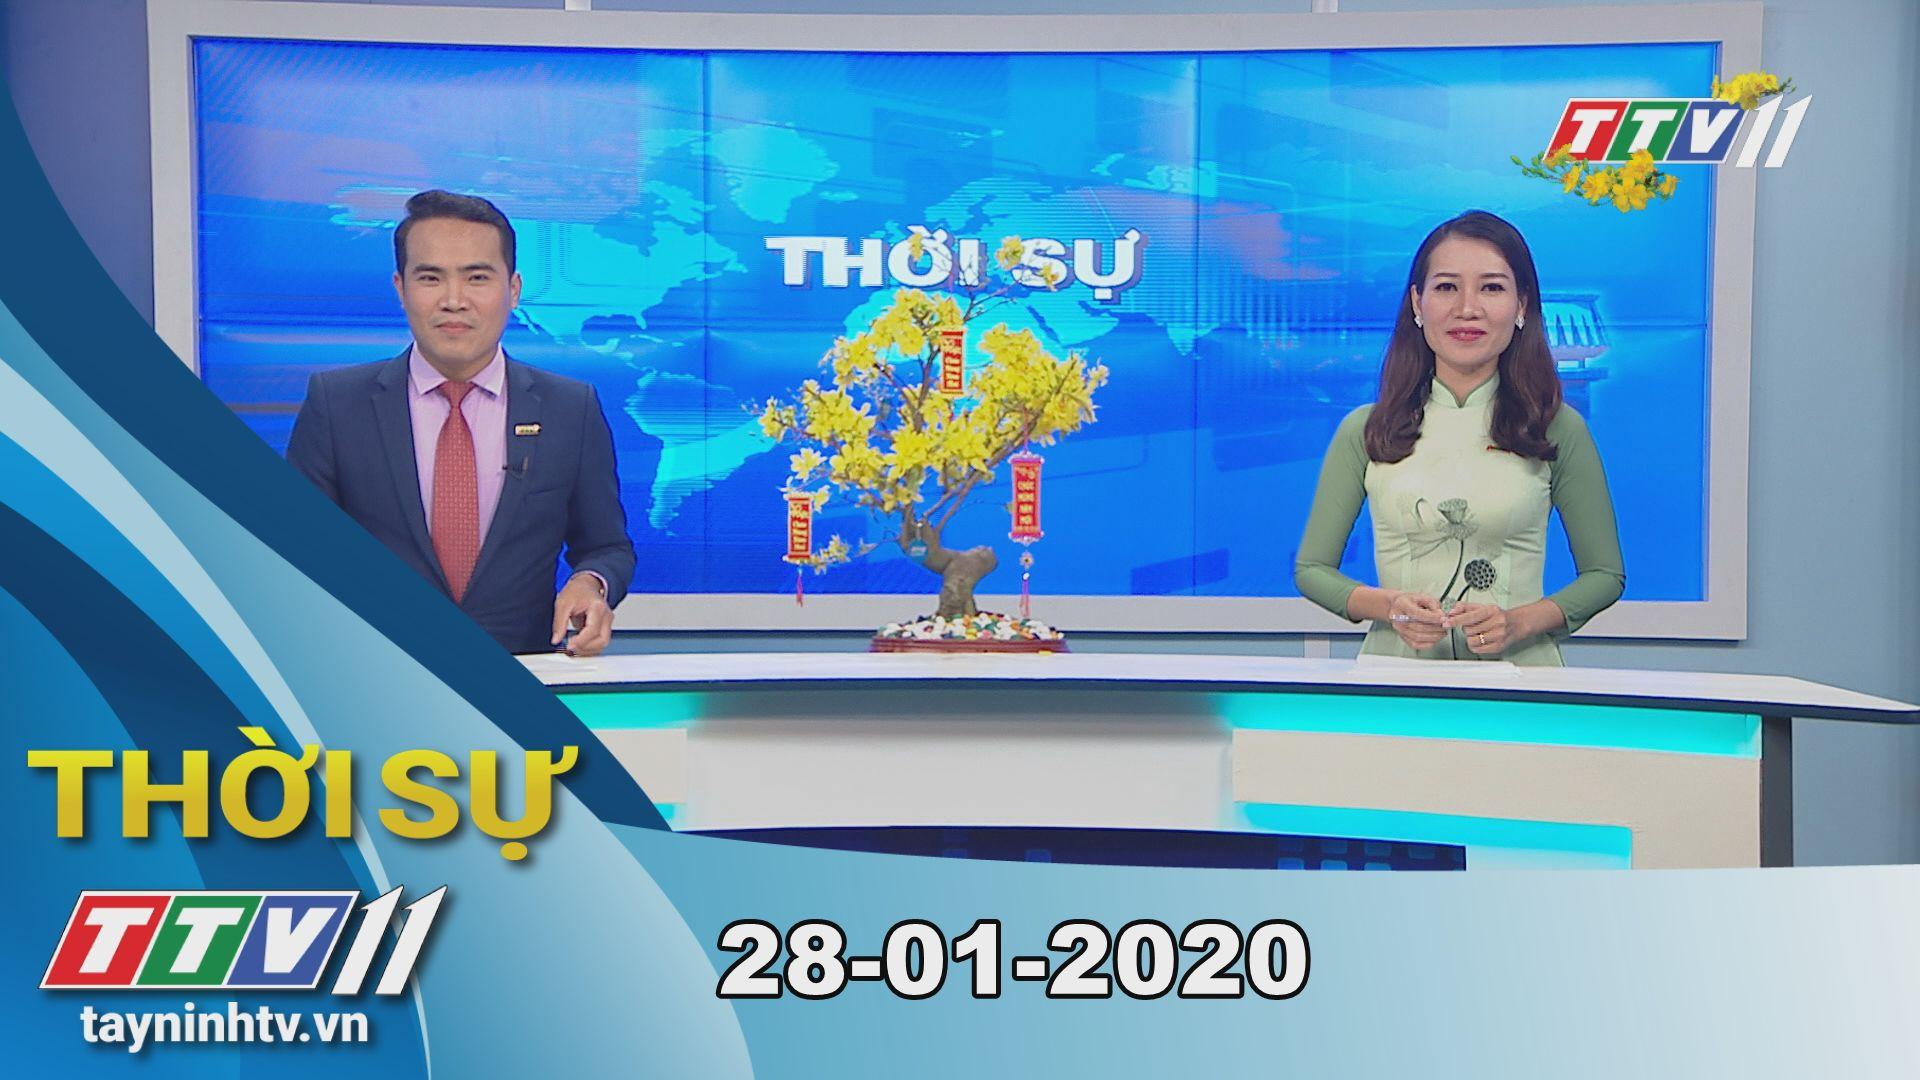 Thời sự Tây Ninh 28-01-2020 | Tin tức hôm nay | TayNinhTV